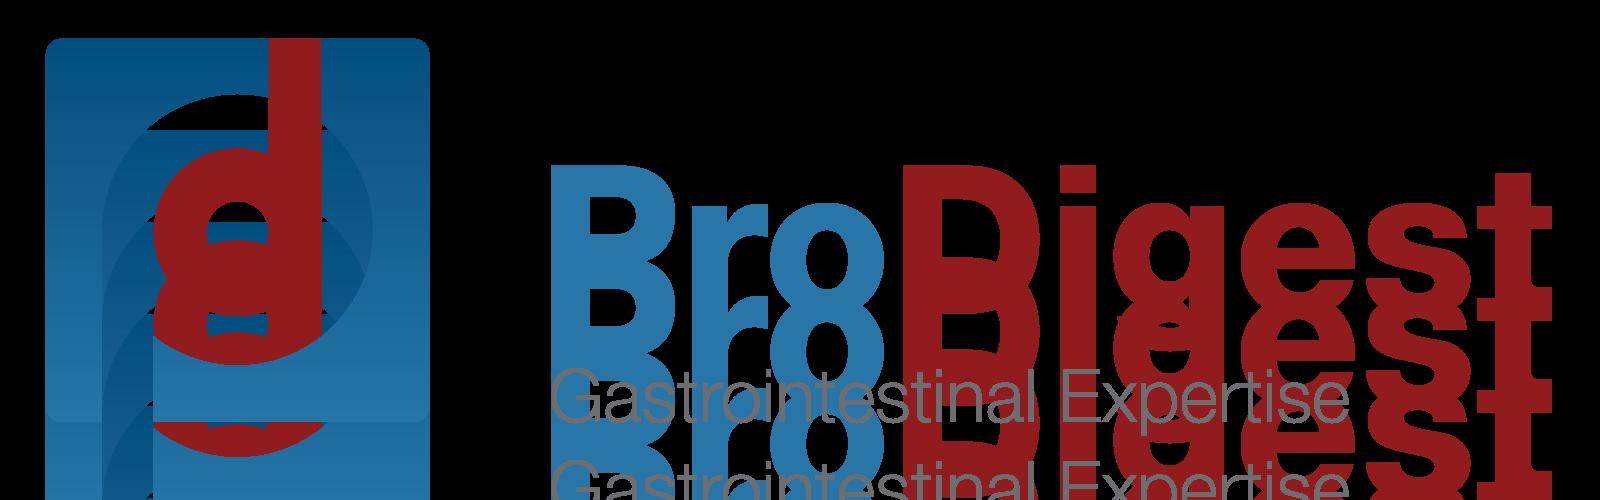 ProDigest_logo_BioTech_Pharma_Summit